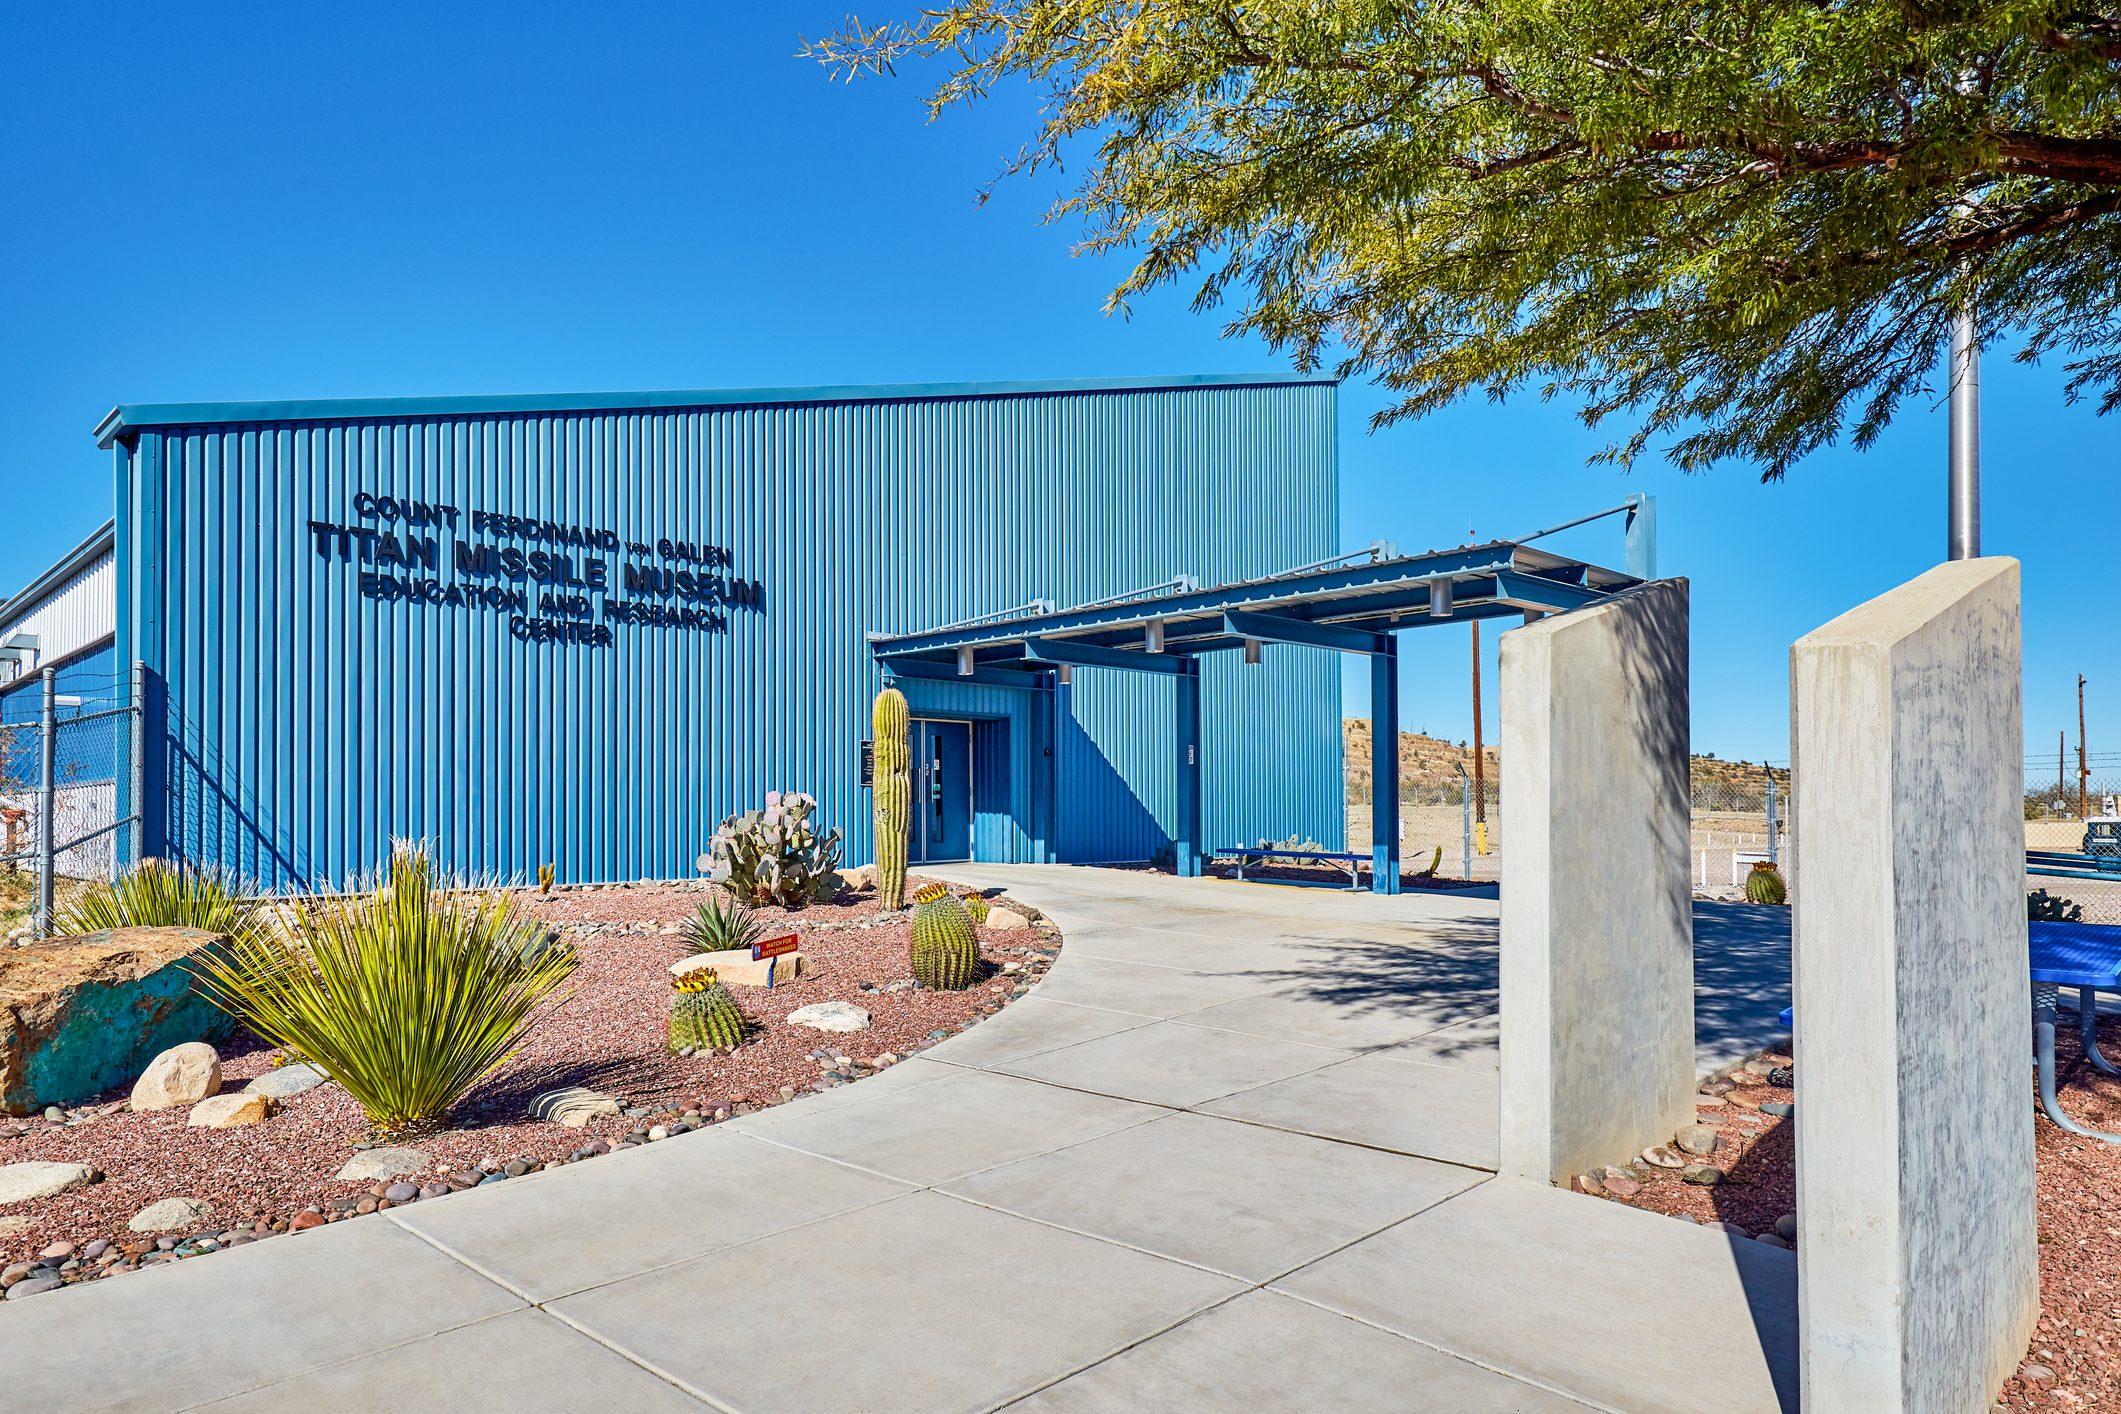 Titan Missile Museum,Arizona